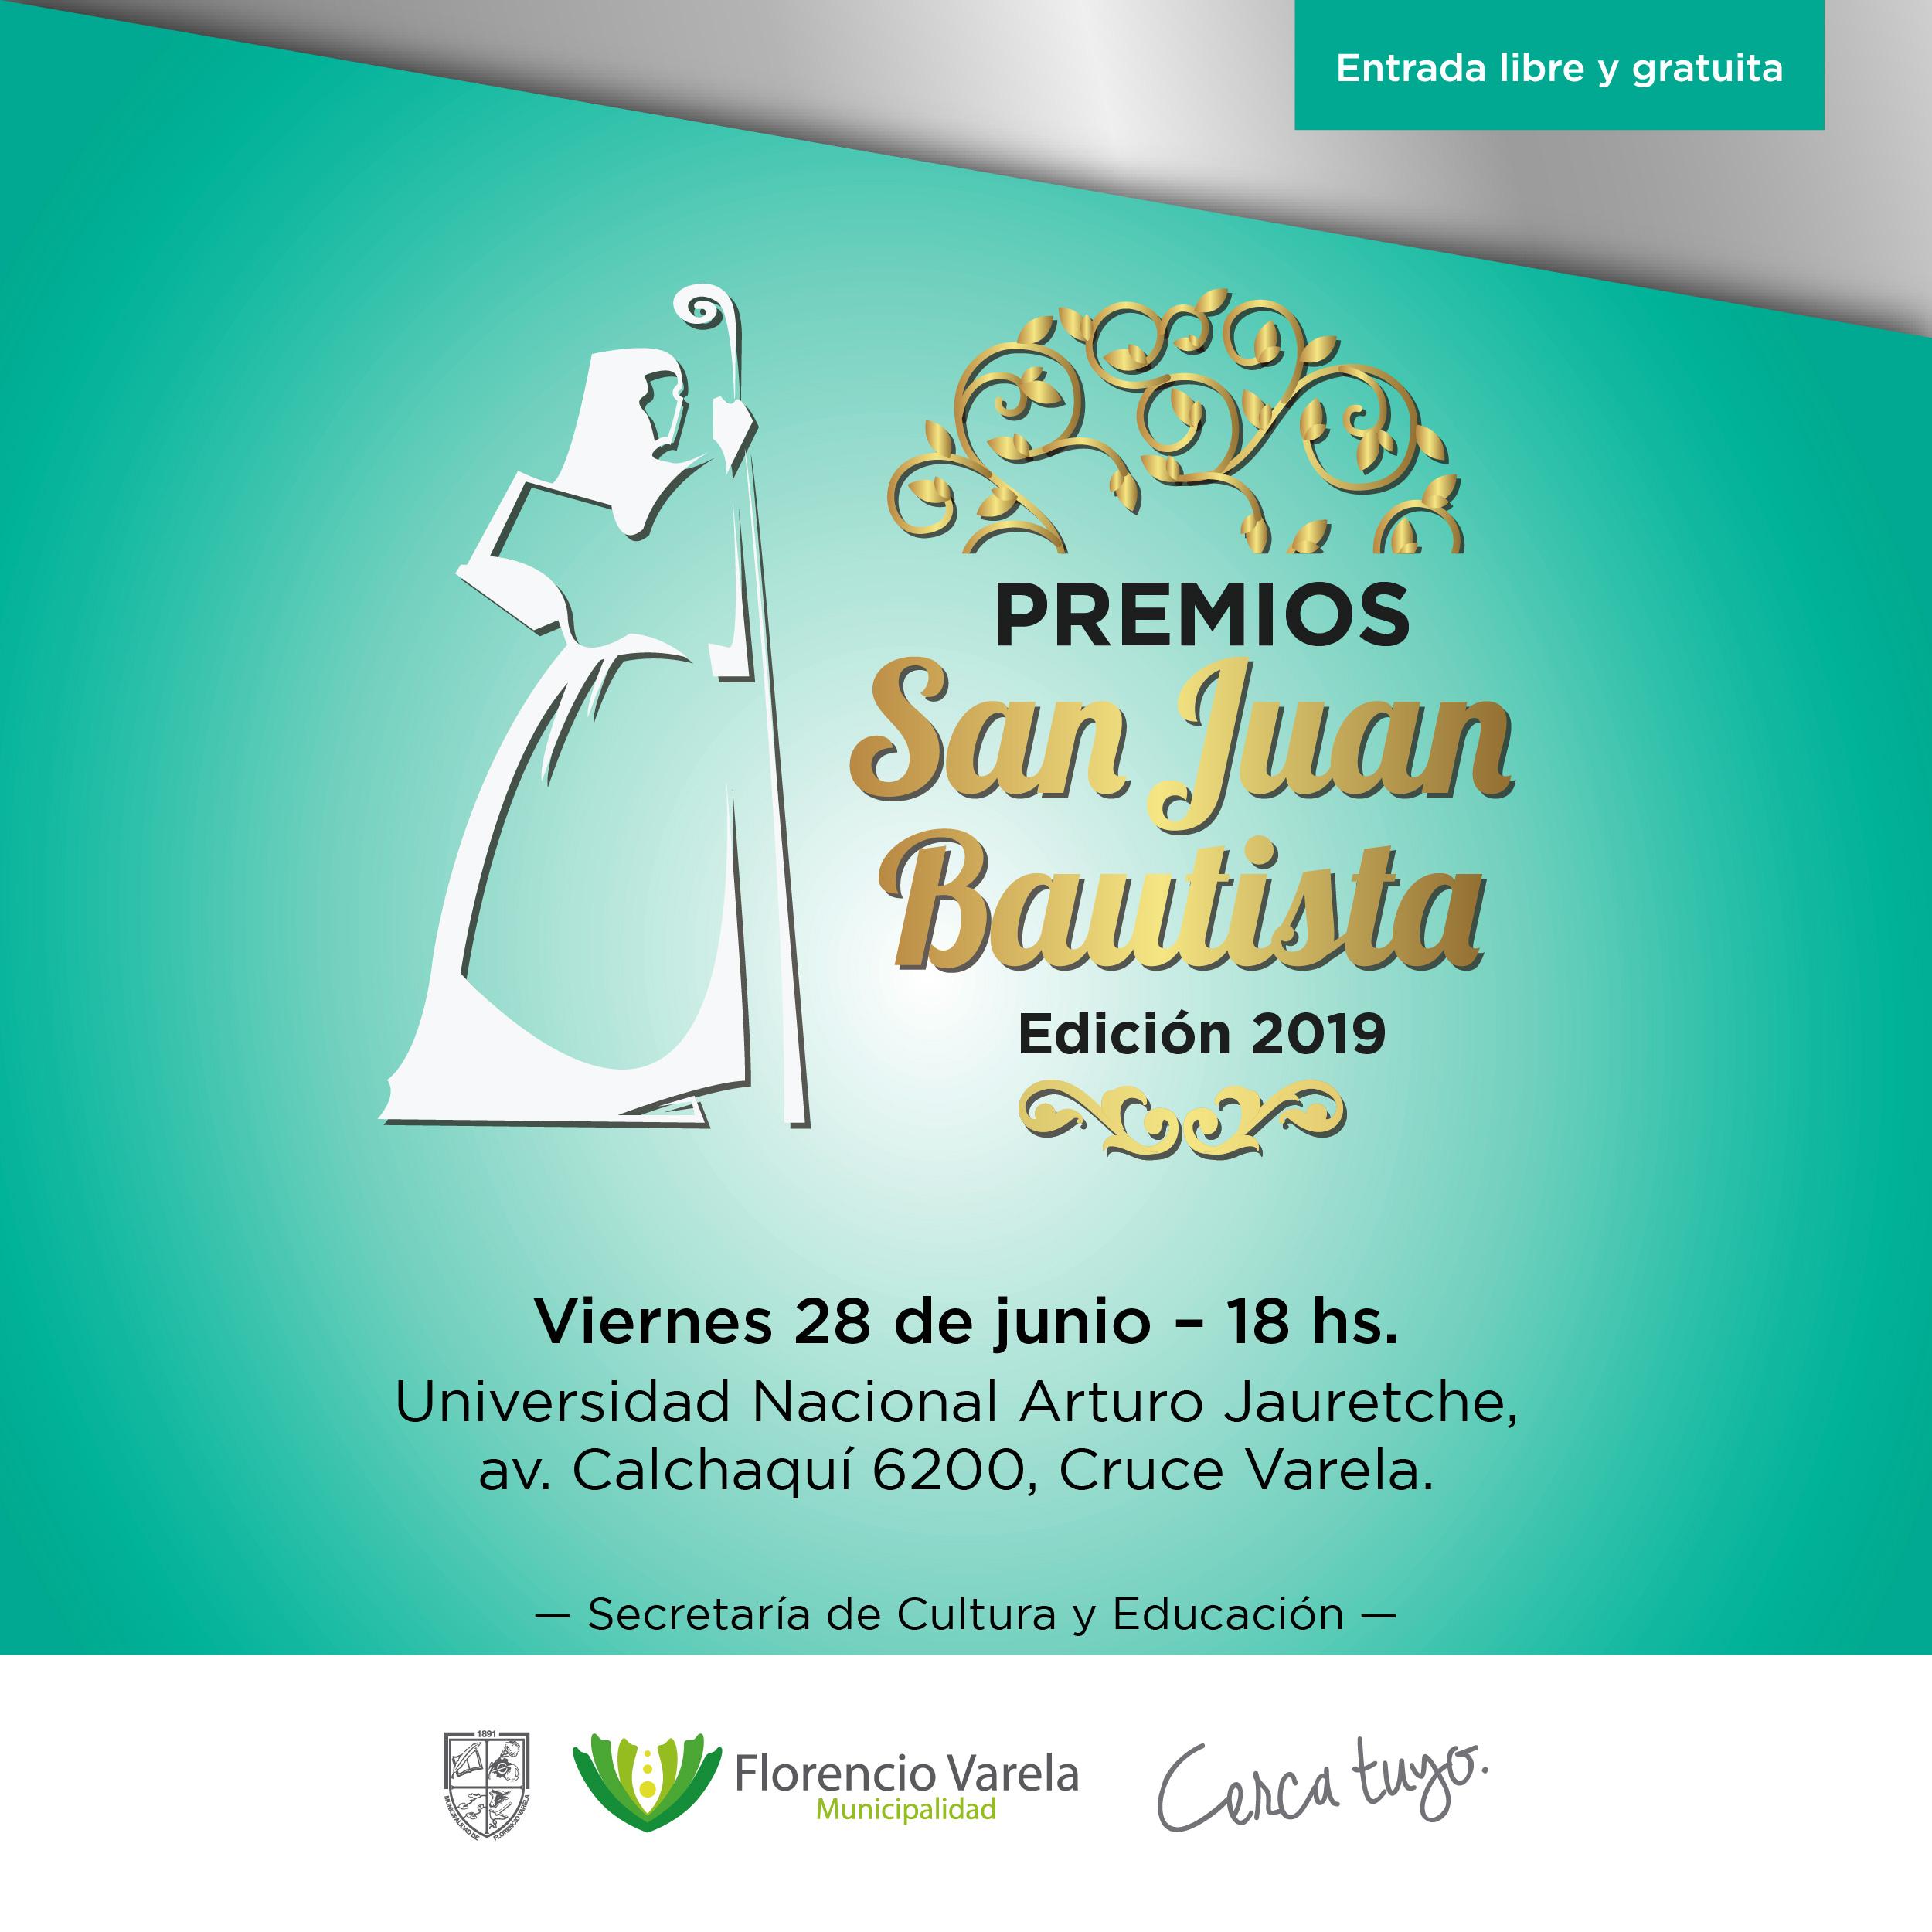 FLORENCIO VARELA: Premios y menciones San Juan Bautista 2019